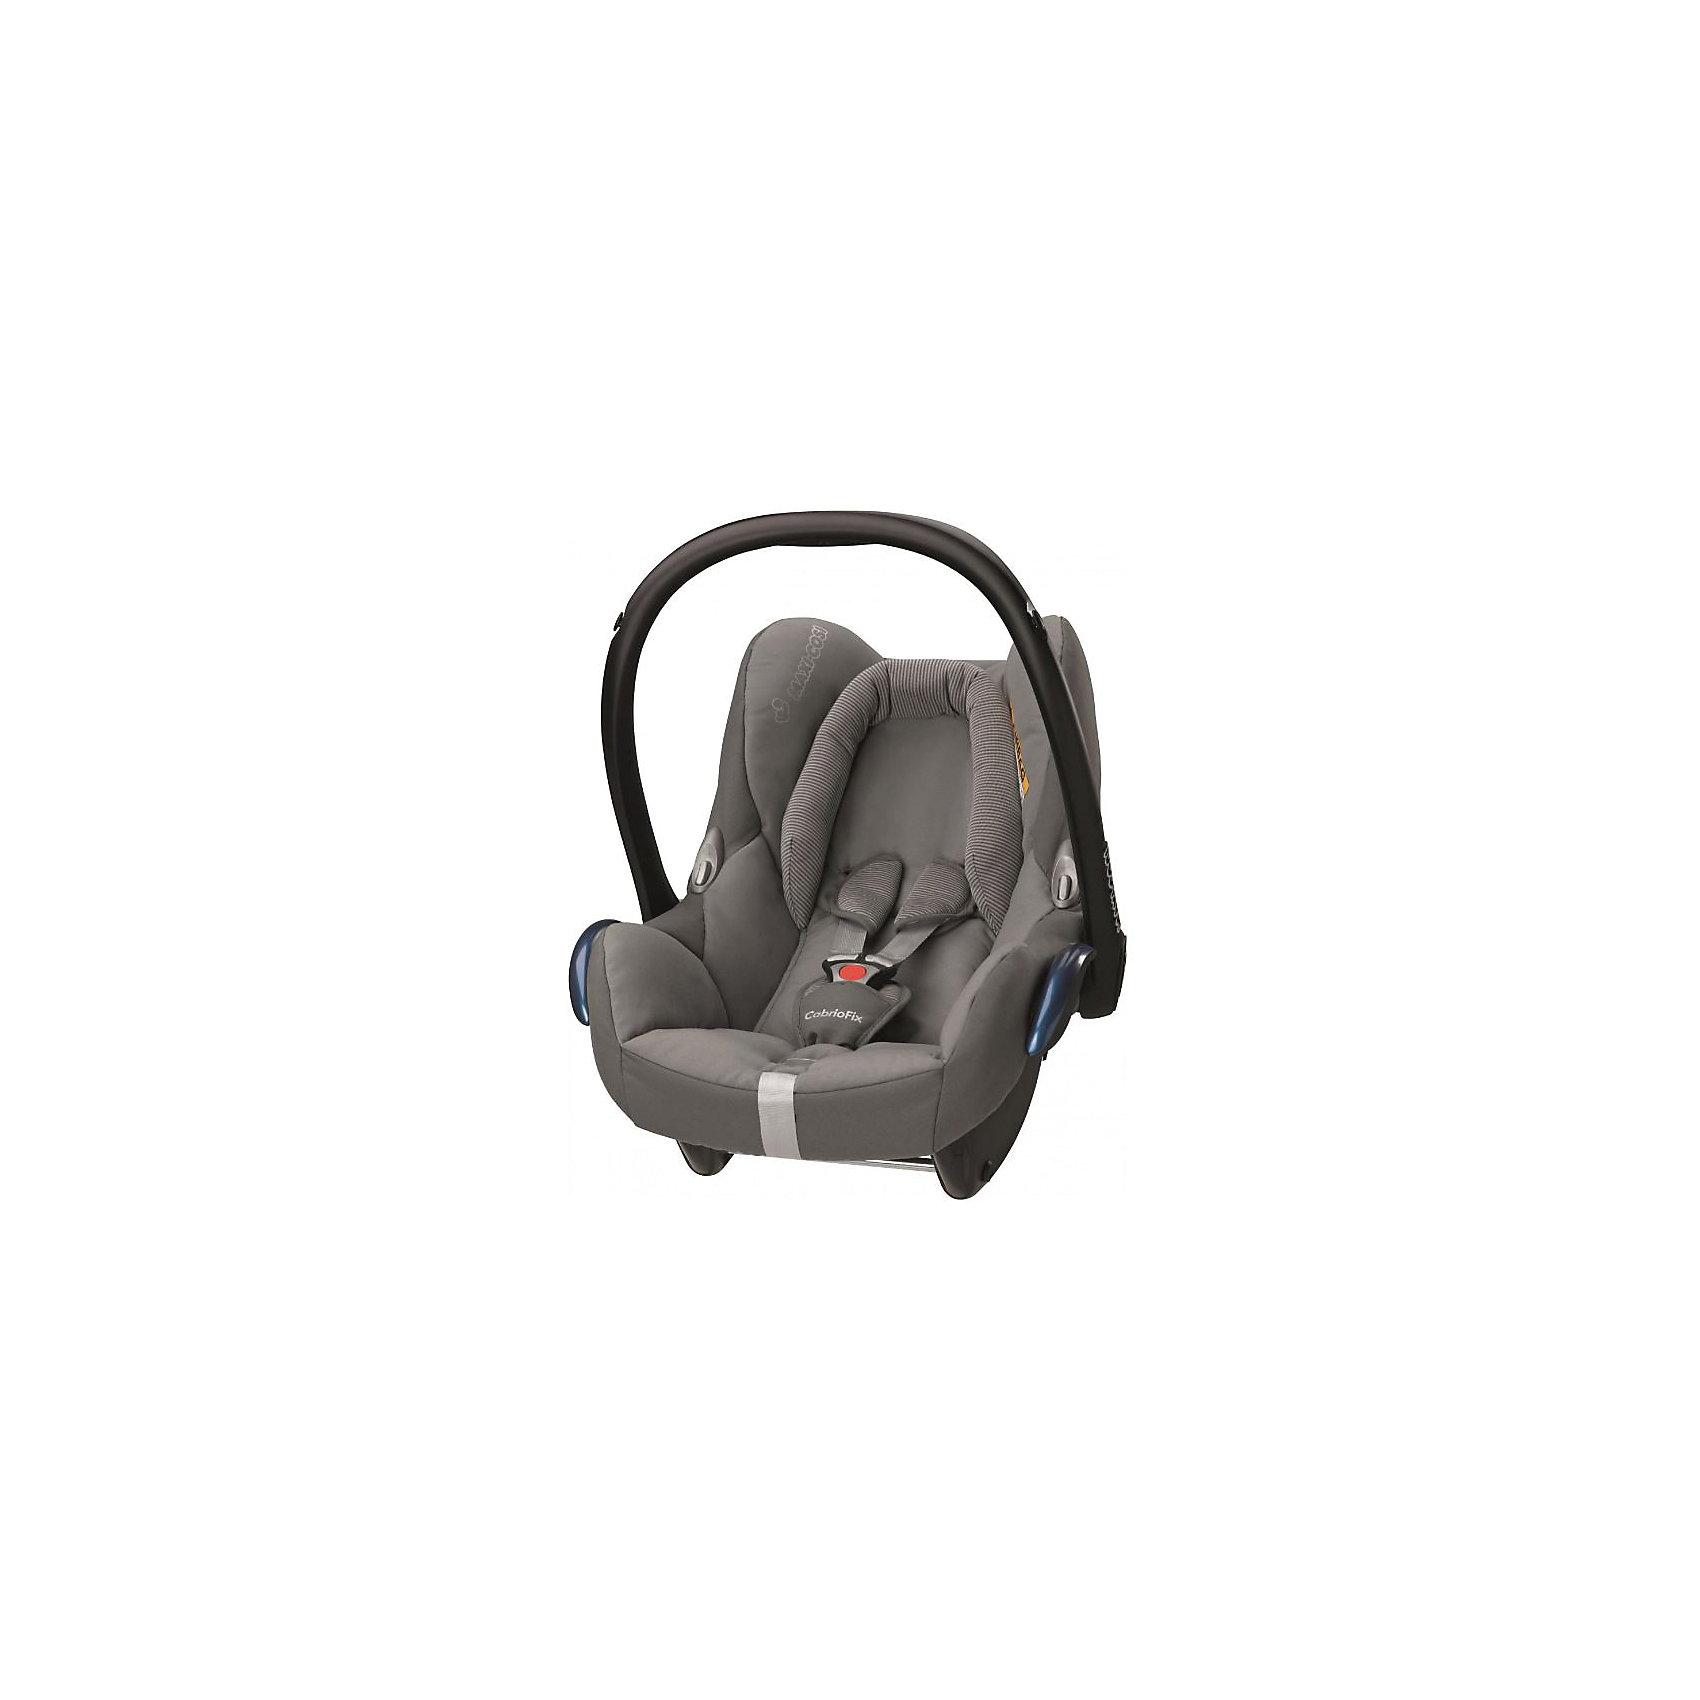 Автокресло Maxi-Cosi CabrioFix 0-13 кг, concrite greyГруппа 0+ (До 13 кг)<br>Удобное высокотехнологичное автокресло-переноска позволит перевозить ребенка, не беспокоясь при этом о его безопасности. Оно предназначено для предназначено для детей весом  до 13 килограмм. Такое кресло обеспечит малышу не только безопасность, но и удобство (тент от солнца а и анатомическая подушка). Ребенок надежно фиксируется в кресле и ездит с комфортом.<br>Автокресло устанавливают против движения. Такое кресло дает возможность свободно путешествовать, ездить в гости и при этом  быть рядом с малышом. Конструкция - очень удобная и прочная. Изделие произведено из качественных и безопасных для малышей материалов, оно соответствуют всем современным требованиям безопасности. Оно отлично показало себя на краш-тестах.<br> <br>Дополнительная информация:<br><br>цвет: серый;<br>материал: текстиль, пластик;<br>вес ребенка:  от 0 до 13 кг;<br>вес кресла: 3,5 кг;<br>съемный чехол;<br>карман для вещей;<br>анатомическая подушка;<br>внутренние ремни - трехточечные, с мягкими накладками;<br>регулировка высоты внутренних ремней;<br>регулировка наклона спинки;<br>регулировка высоты подголовника;<br>ручка для переноски;<br>тент от солнца.<br><br>Автокресло CabrioFix 0-13 кг., конкрит грей от компании Maxi-Cosi можно купить в нашем магазине.<br><br>Ширина мм: 445<br>Глубина мм: 375<br>Высота мм: 725<br>Вес г: 3300<br>Цвет: серый<br>Возраст от месяцев: 0<br>Возраст до месяцев: 12<br>Пол: Унисекс<br>Возраст: Детский<br>SKU: 4709797